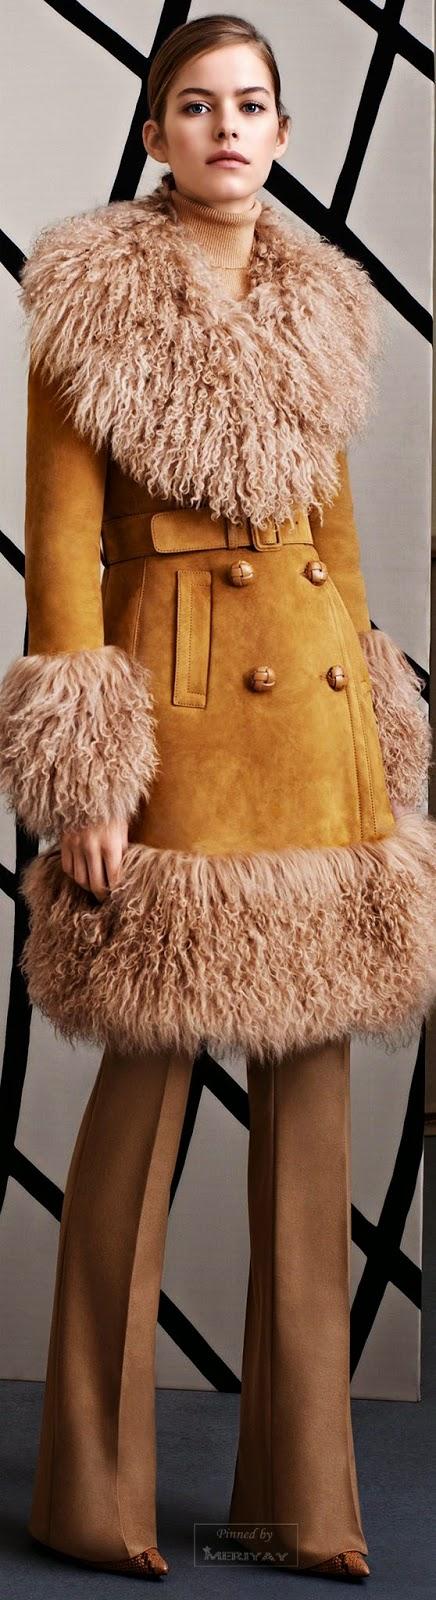 Moda casaco de pelo